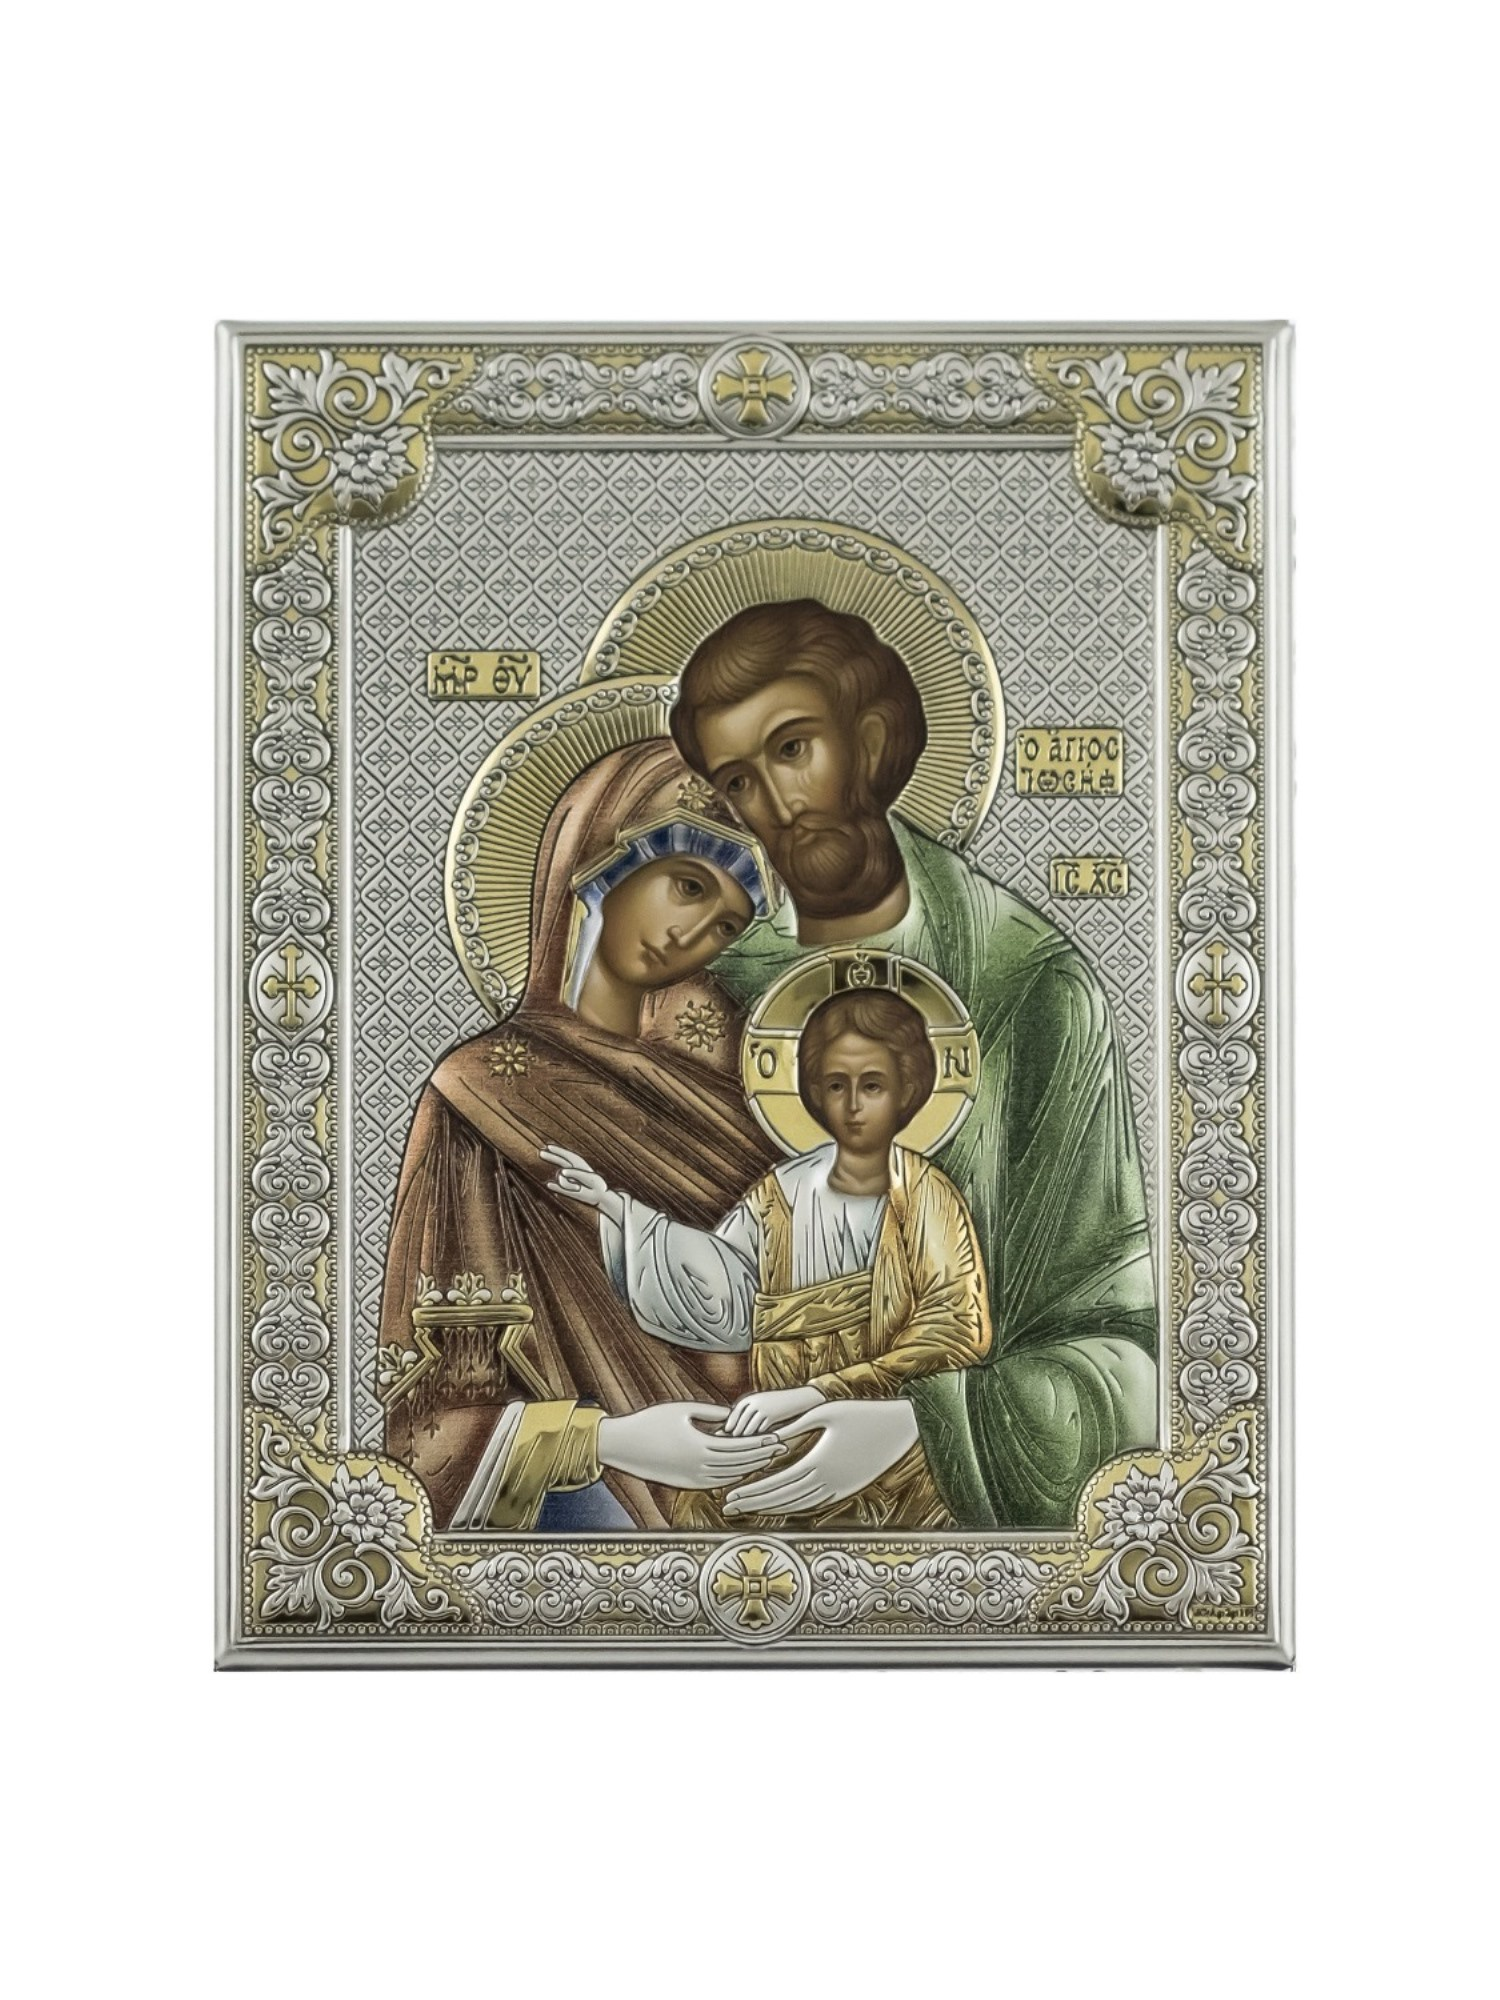 Фото - Икона АргентА Святое семейство (12*16), серебристый иконы